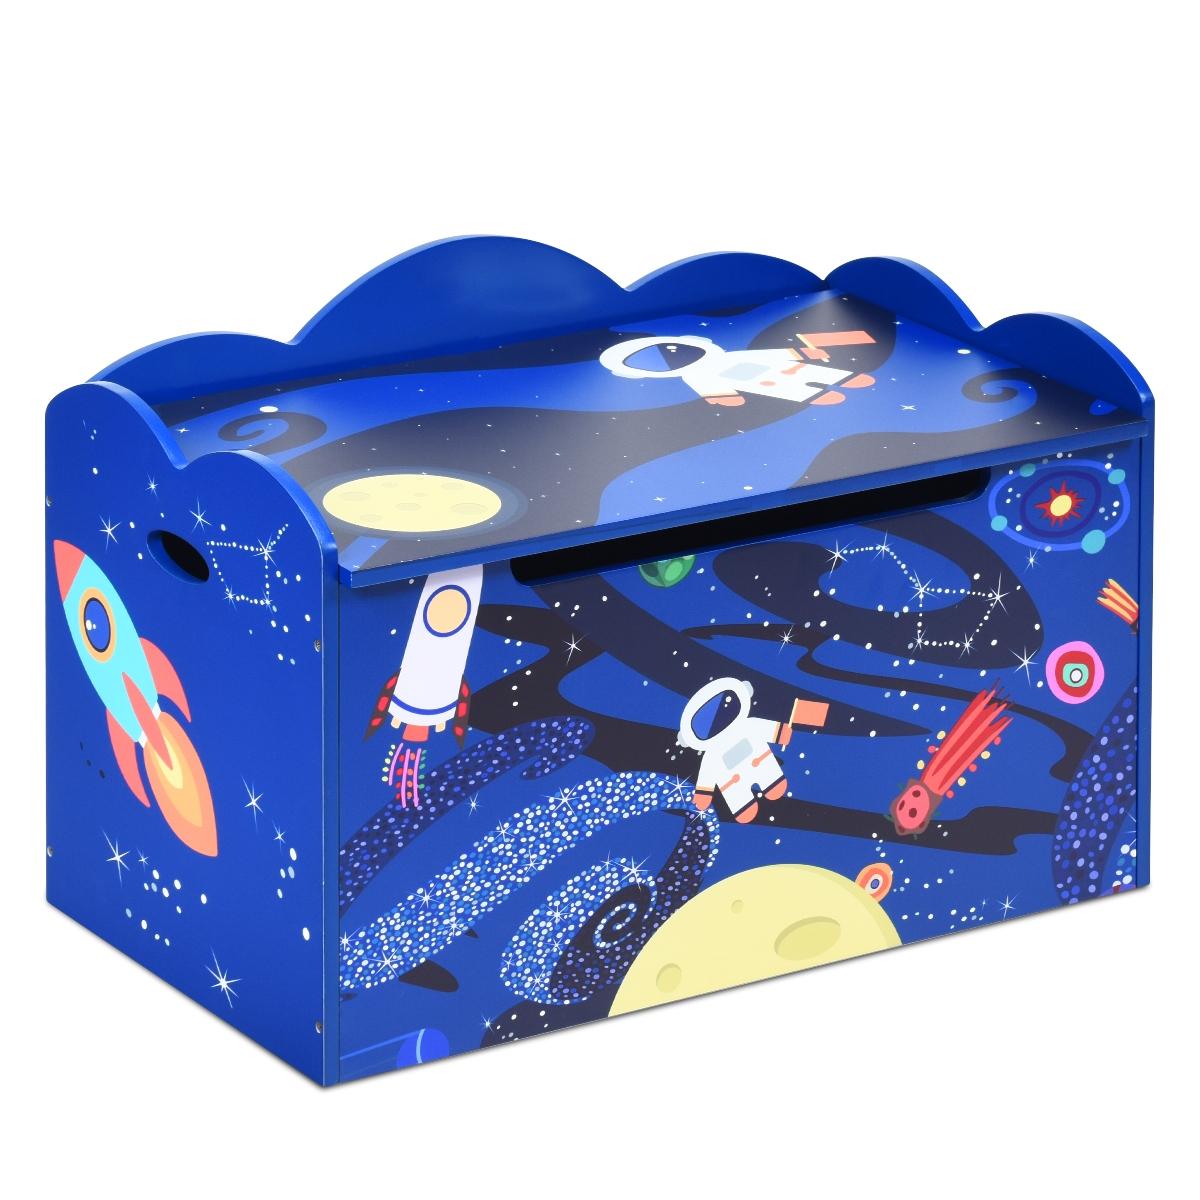 Portagiochi Bambini con Scompartimento /& Coperchio Rimovibile /& Maniglia 75x34x41cm Vestiti king do way Scatola di Giocattoli Pieghevole Libri Contenitore per Giocattoli Bambini